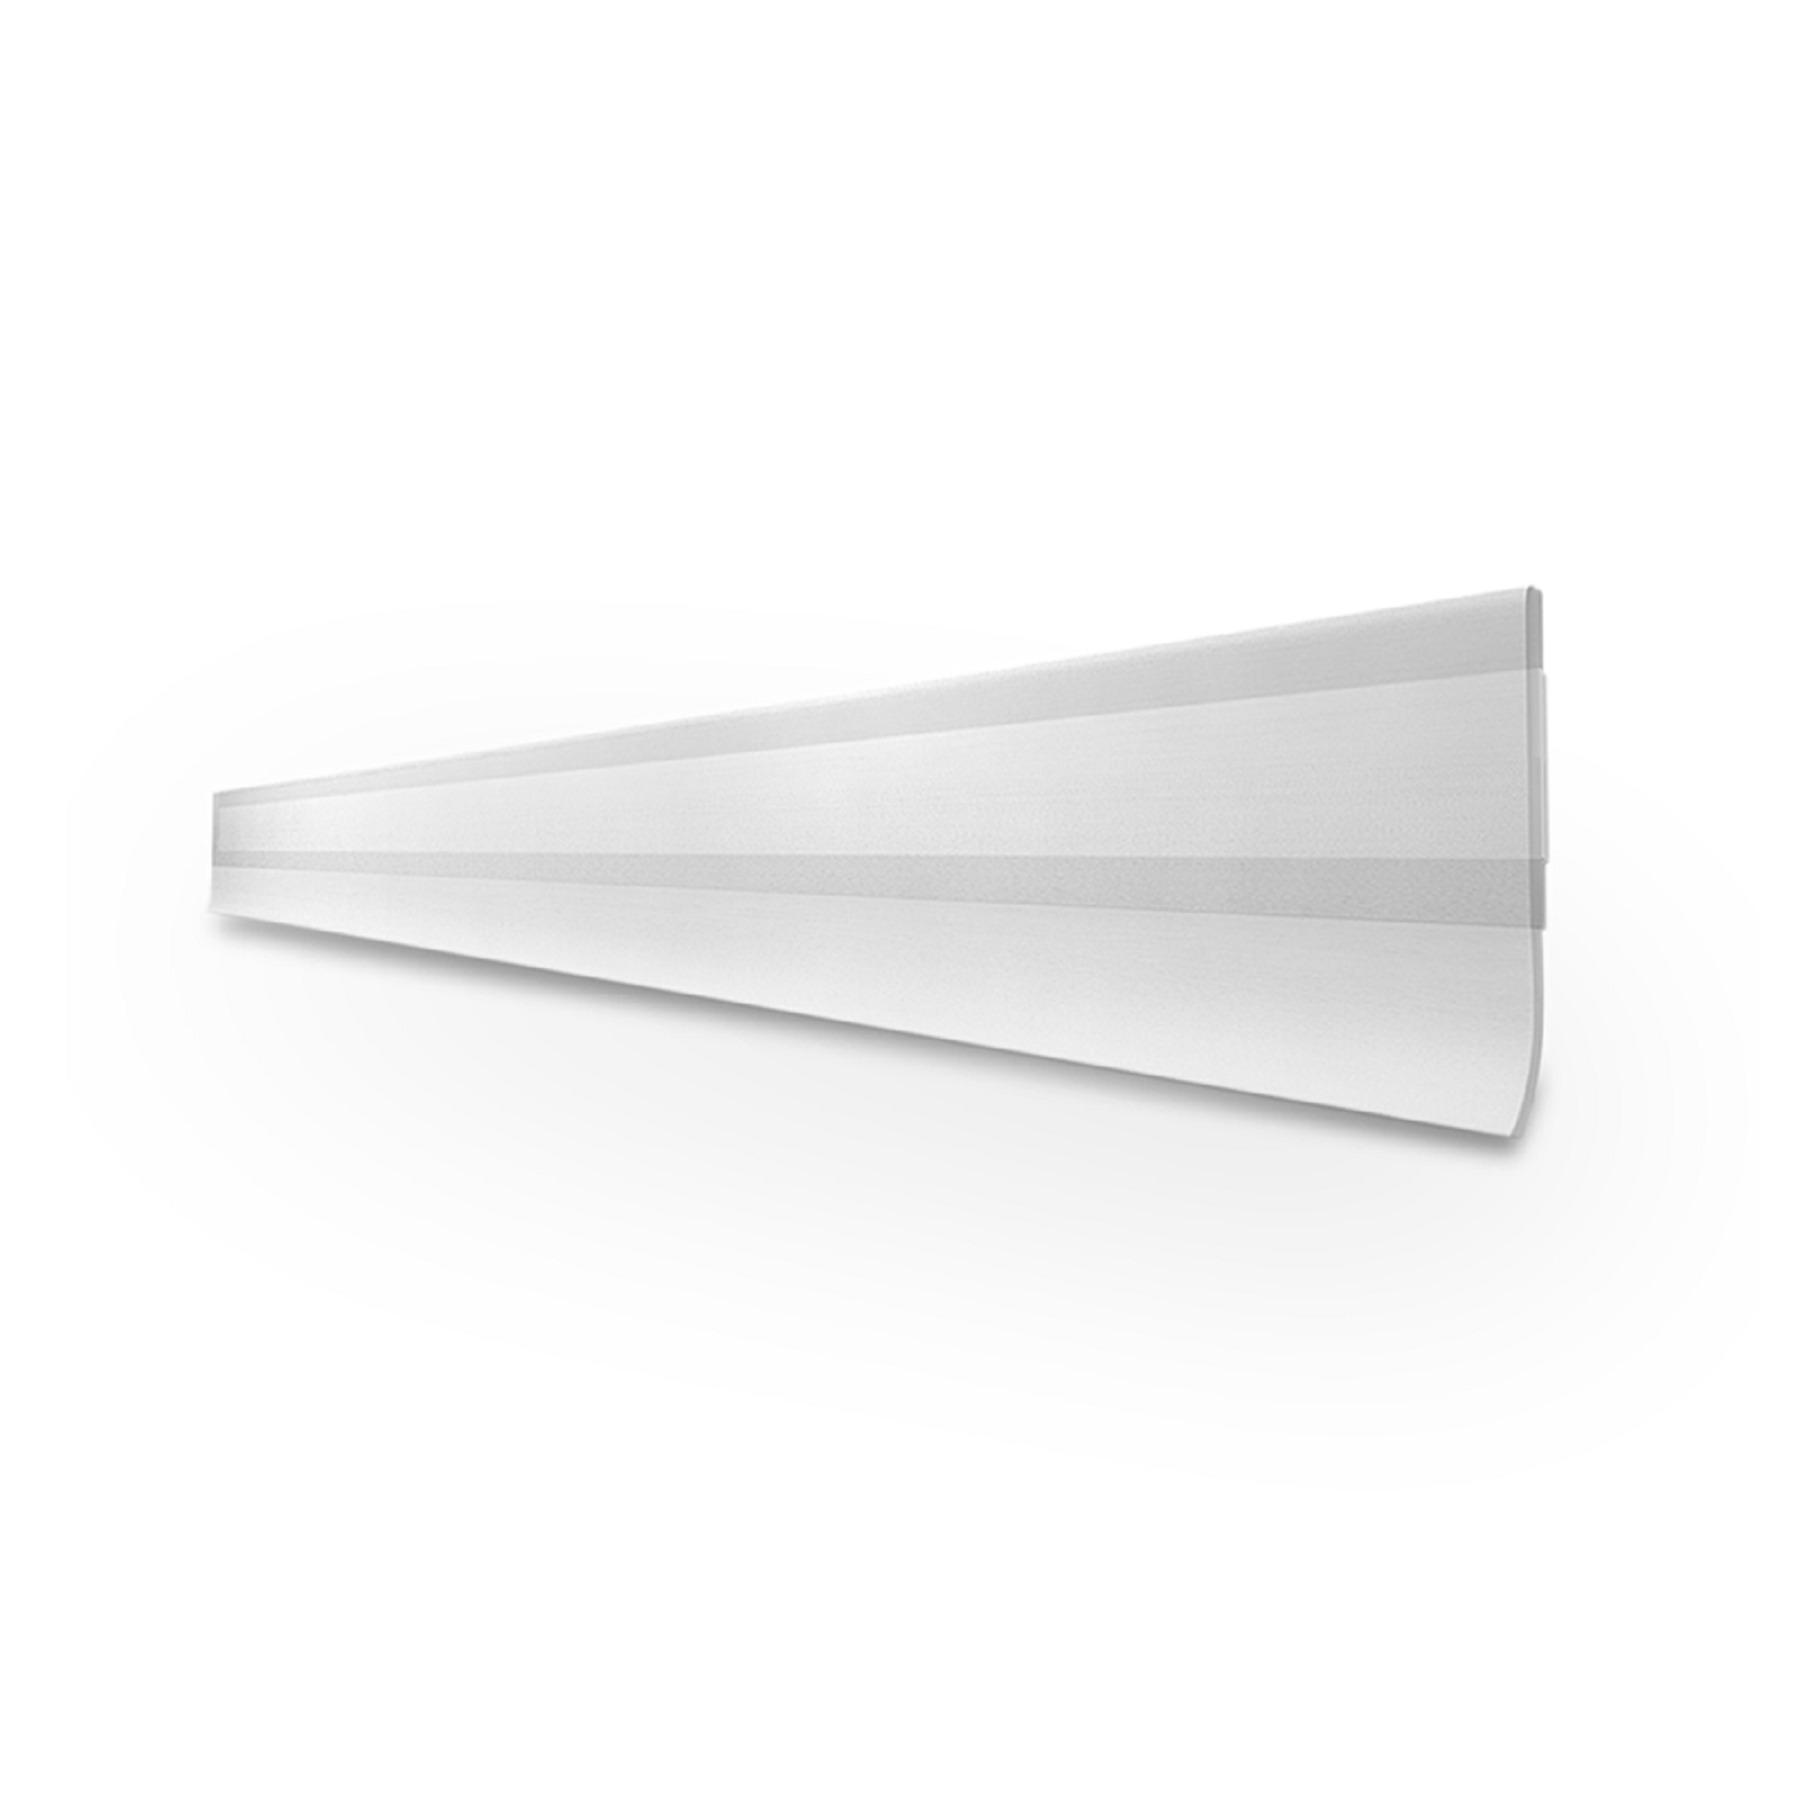 Veda Porta Slim Rodo Adesivo de PVC 90cm Transparente 00029 - Comfort Door